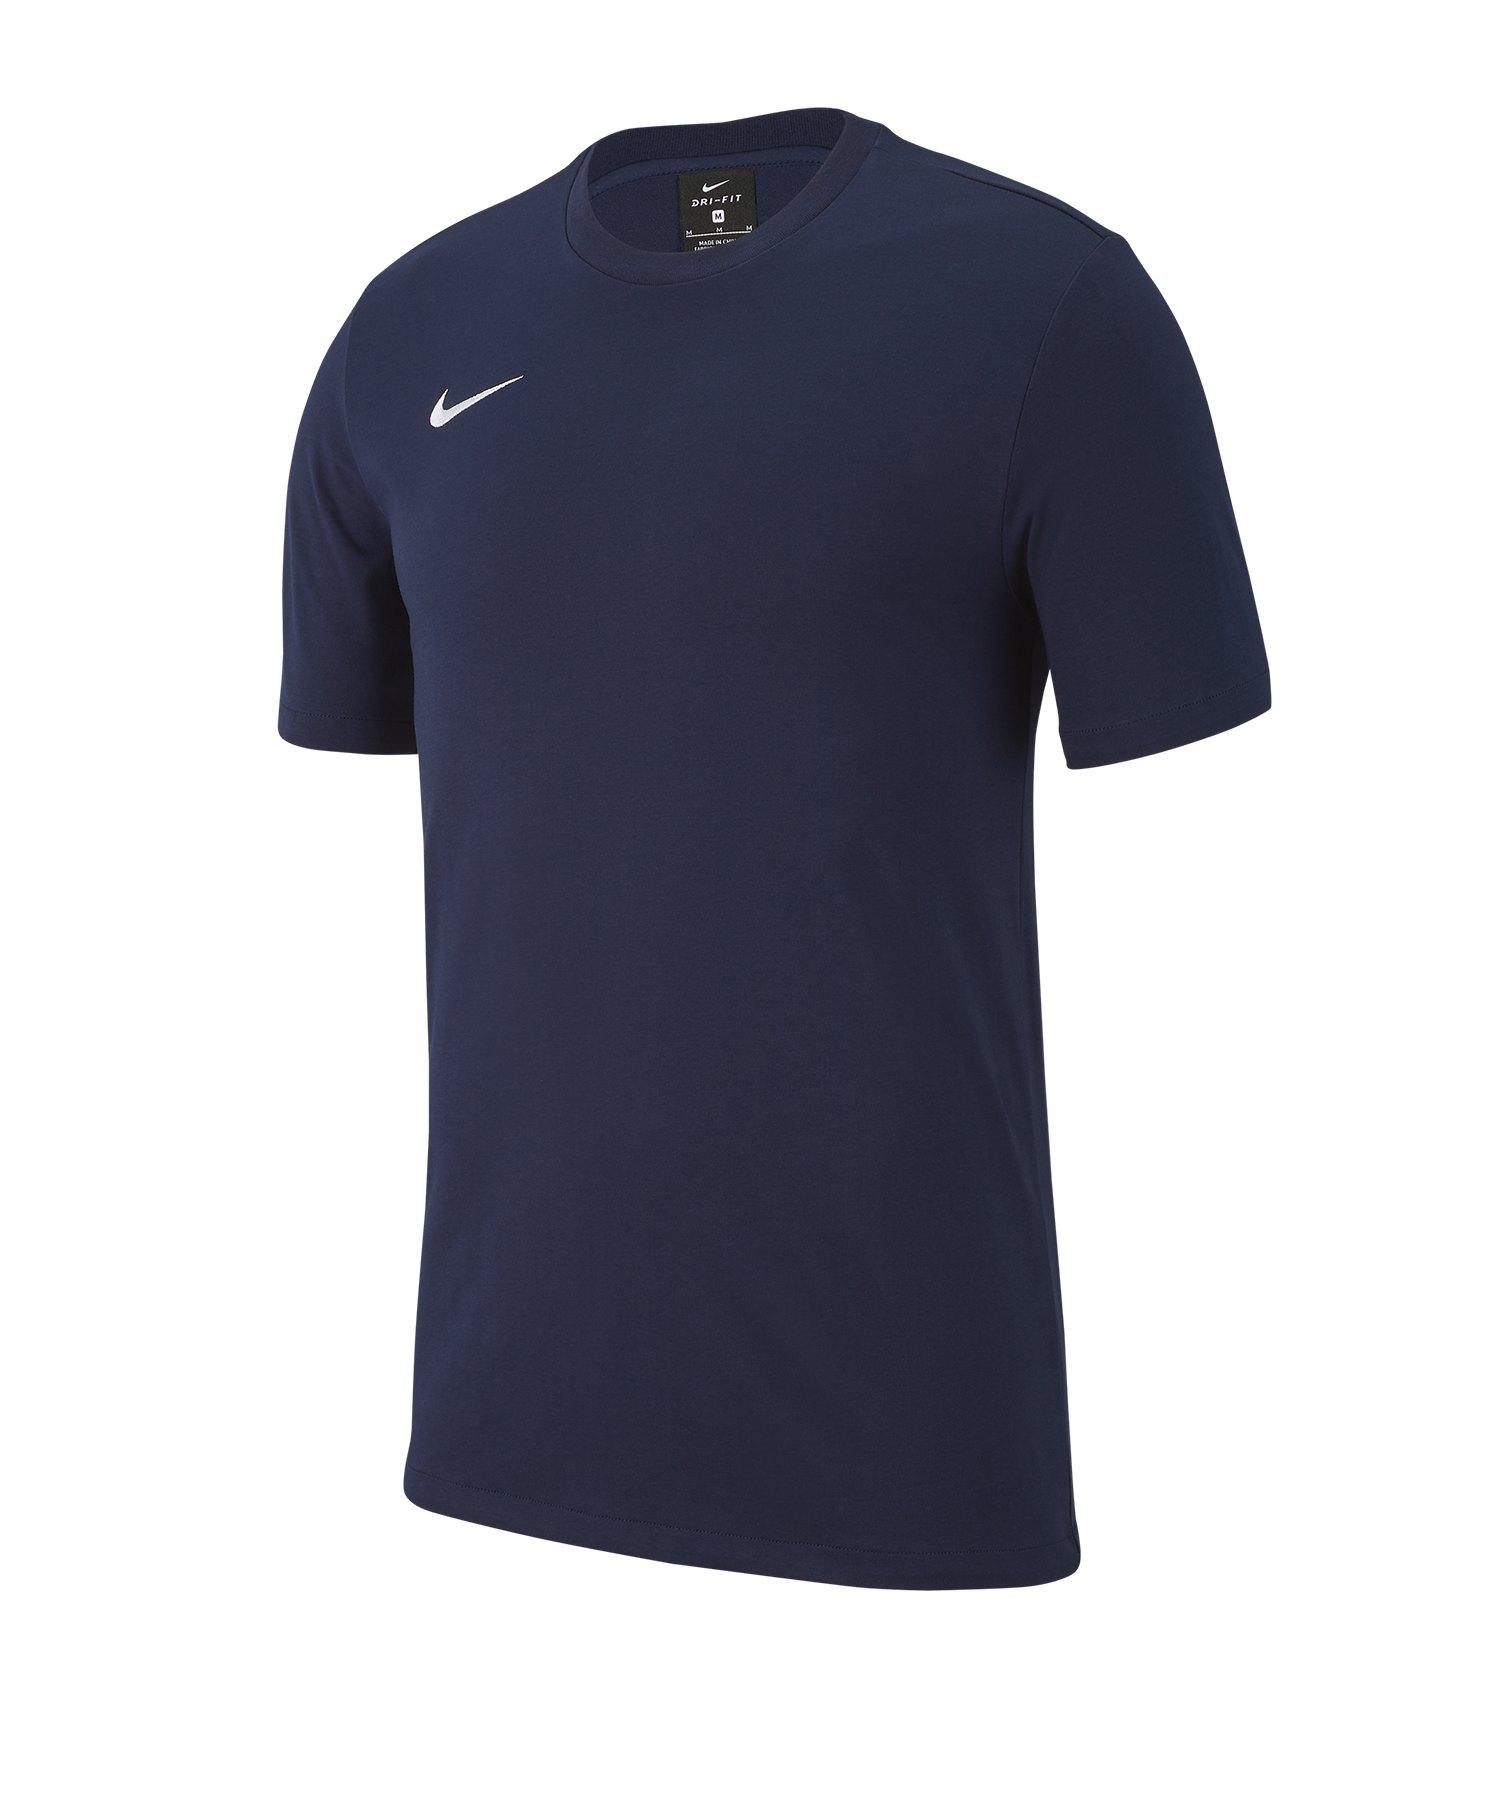 Nike Club 19 T-Shirt Kids Blau F451 - blau